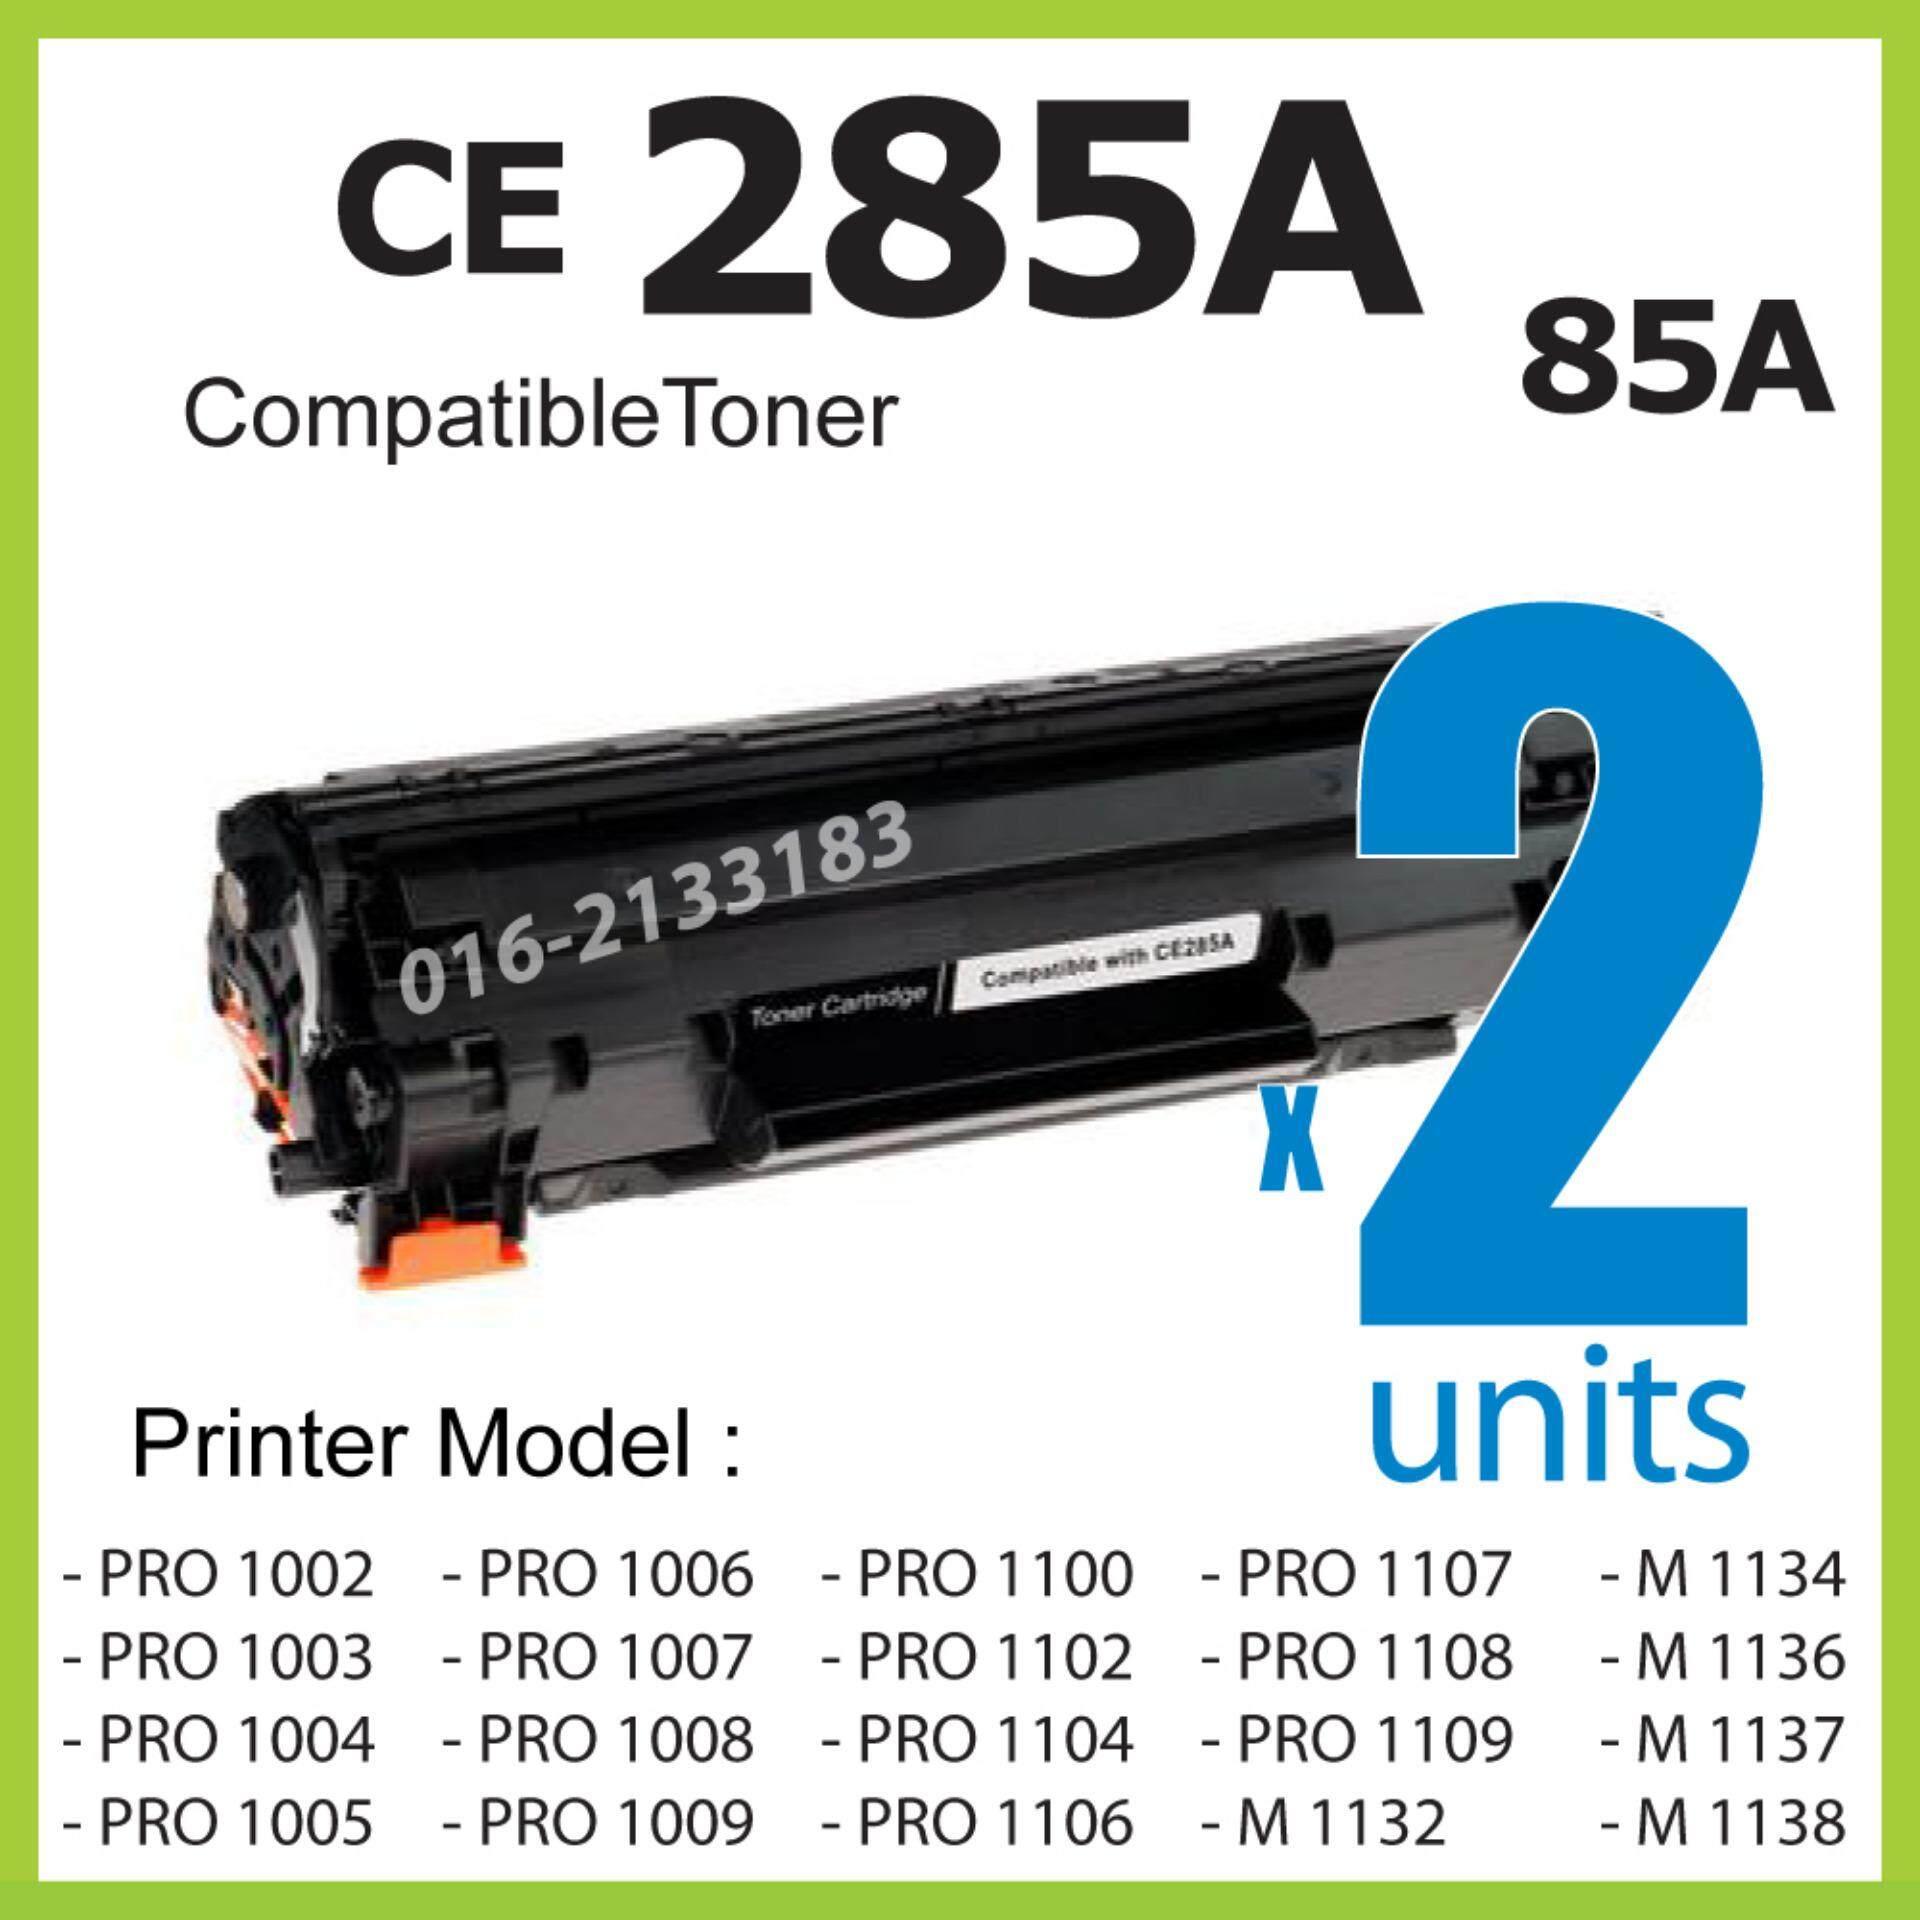 Hp Ce285a Cartridge Toner Laserjet Compatible P1102 1132 Spec 35a Cb435a P1002 P1003 P1004 P1005 P1006 P1009 Grade A 2 Units Laser 85a Ce285 285a Color